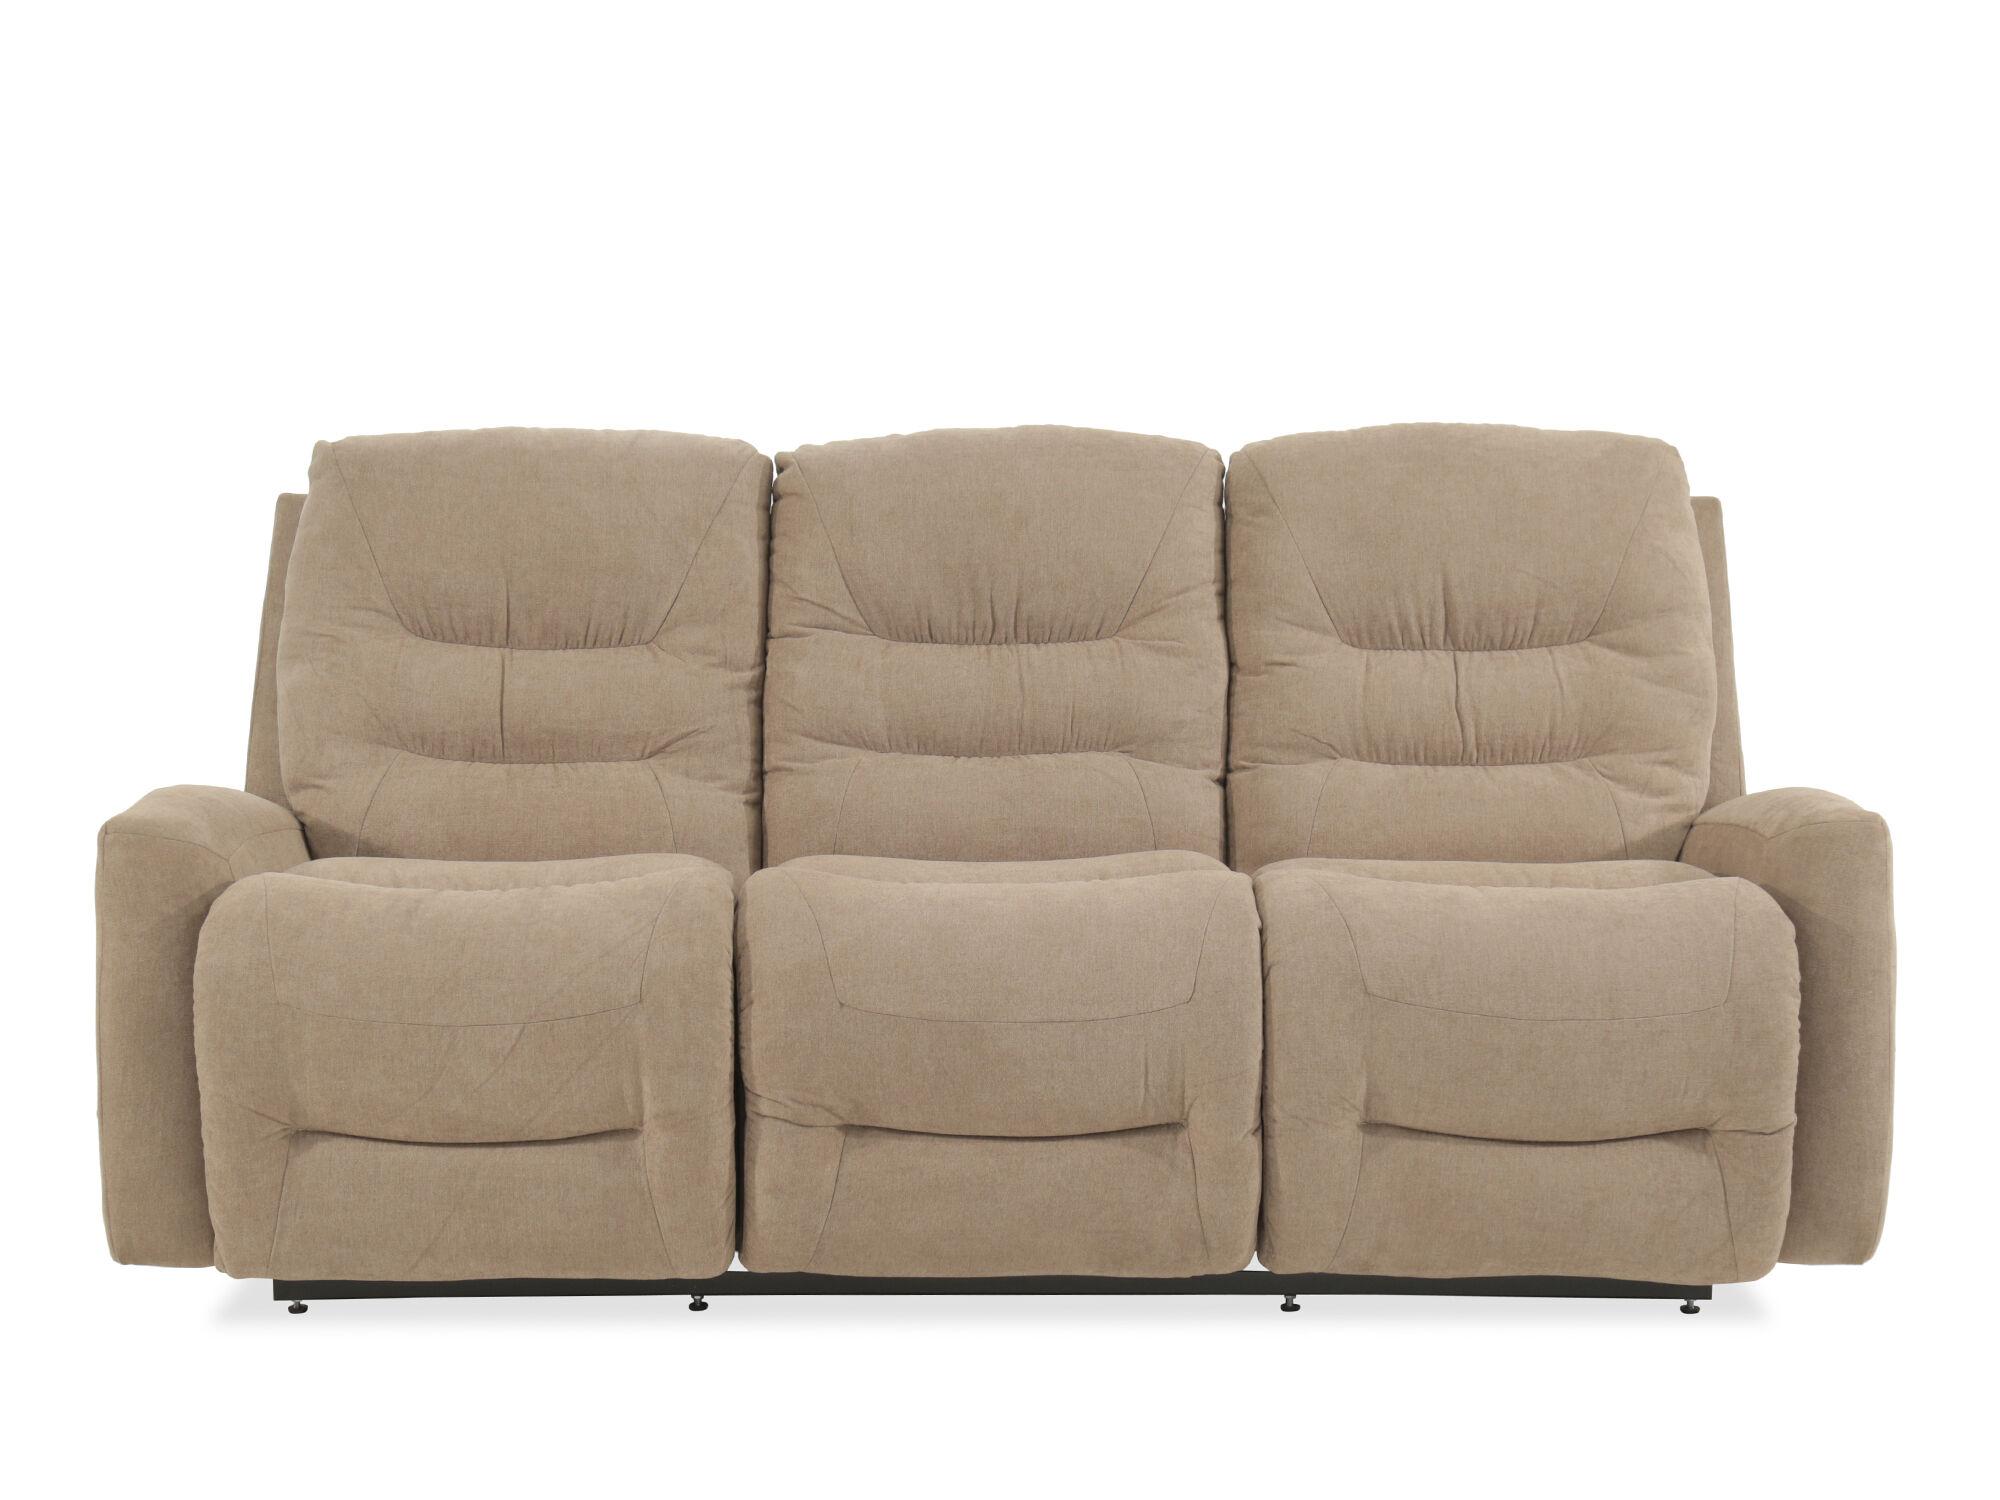 La Z Boy Outdoor Furniture